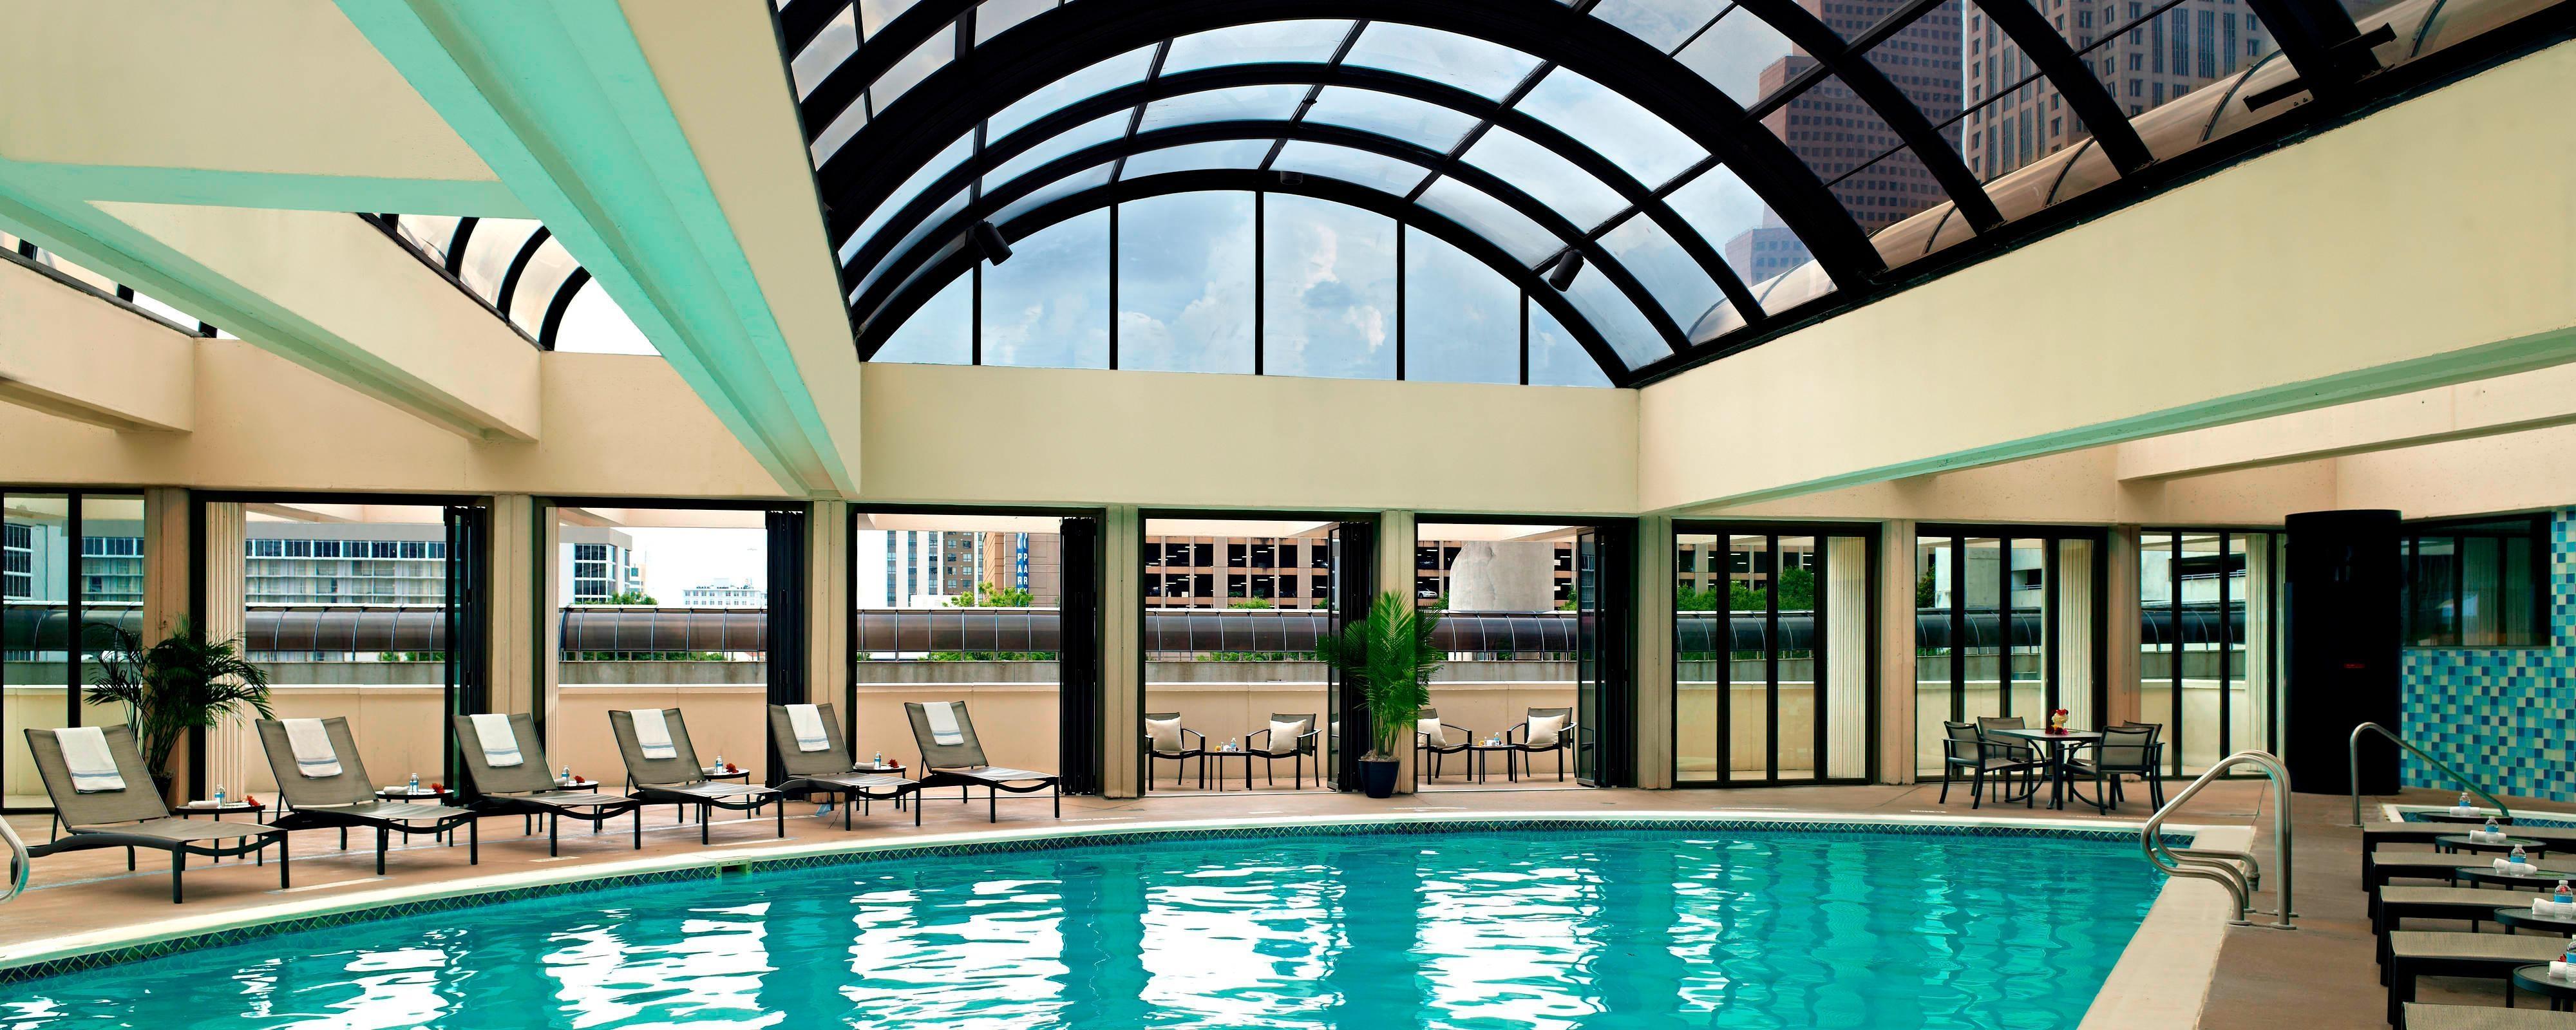 Atlanta Fitness Center Atlanta Marriott Marquis